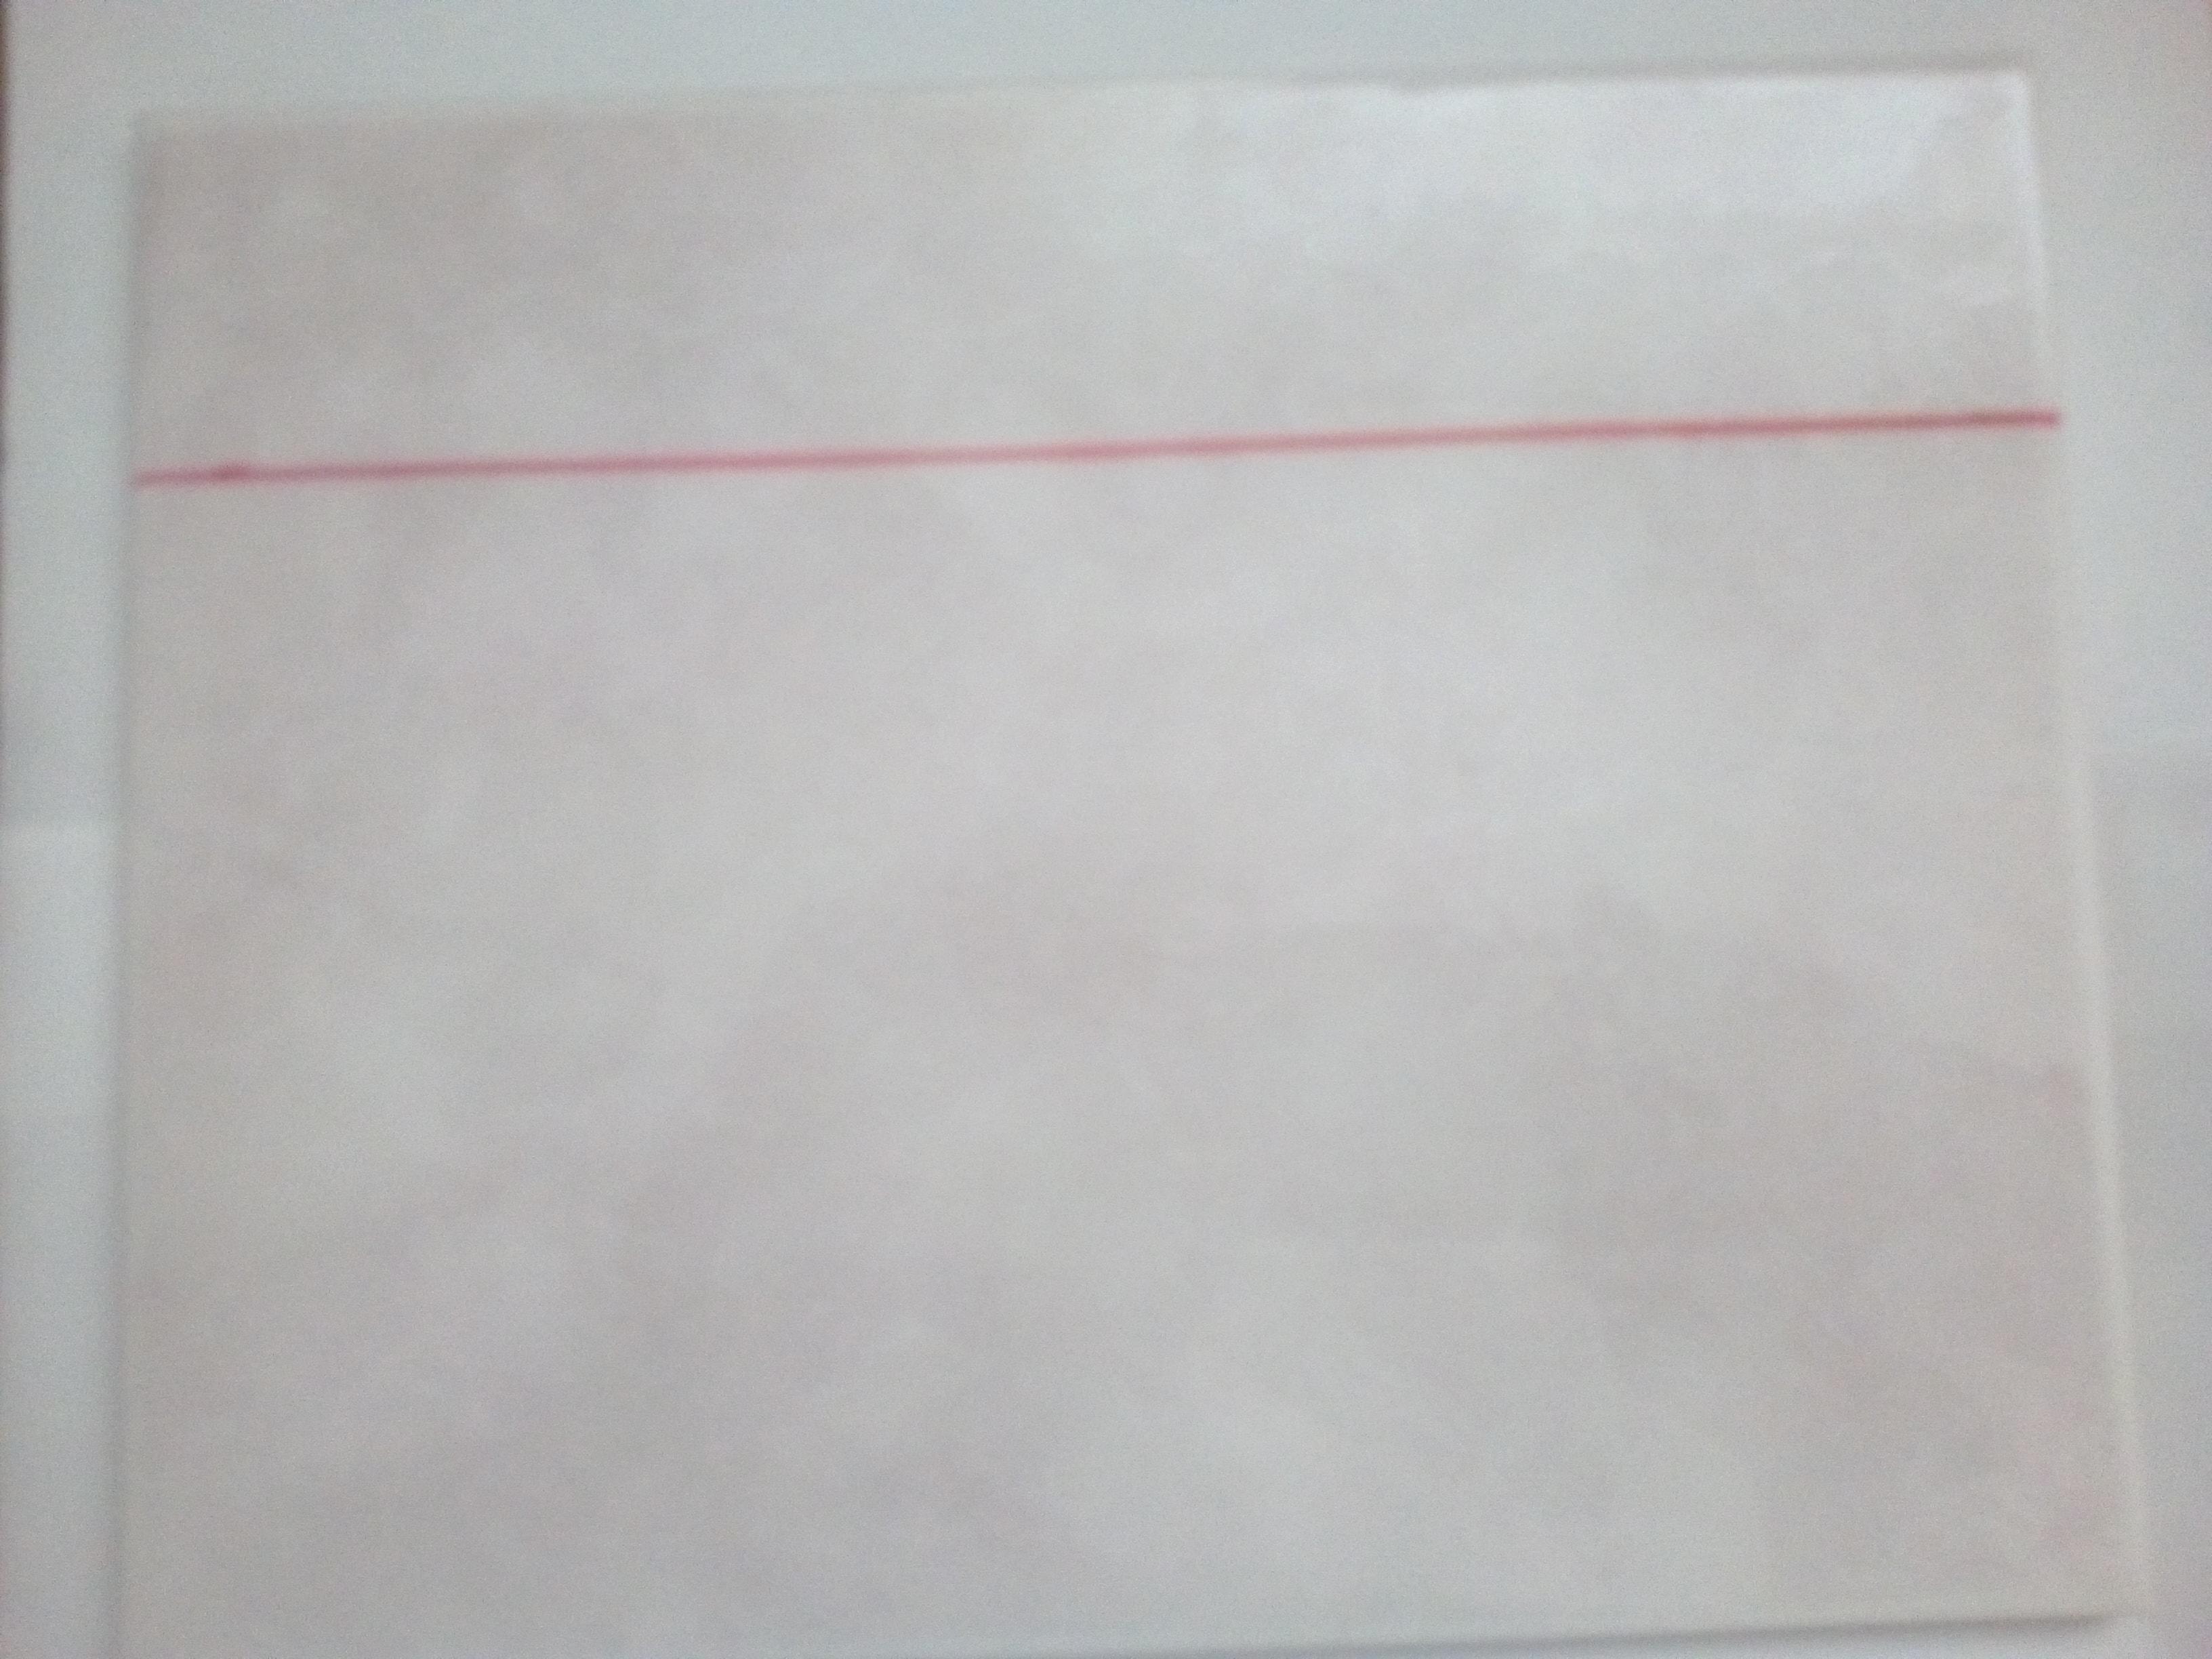 Резка керамической плитки, разметка керамической плитки